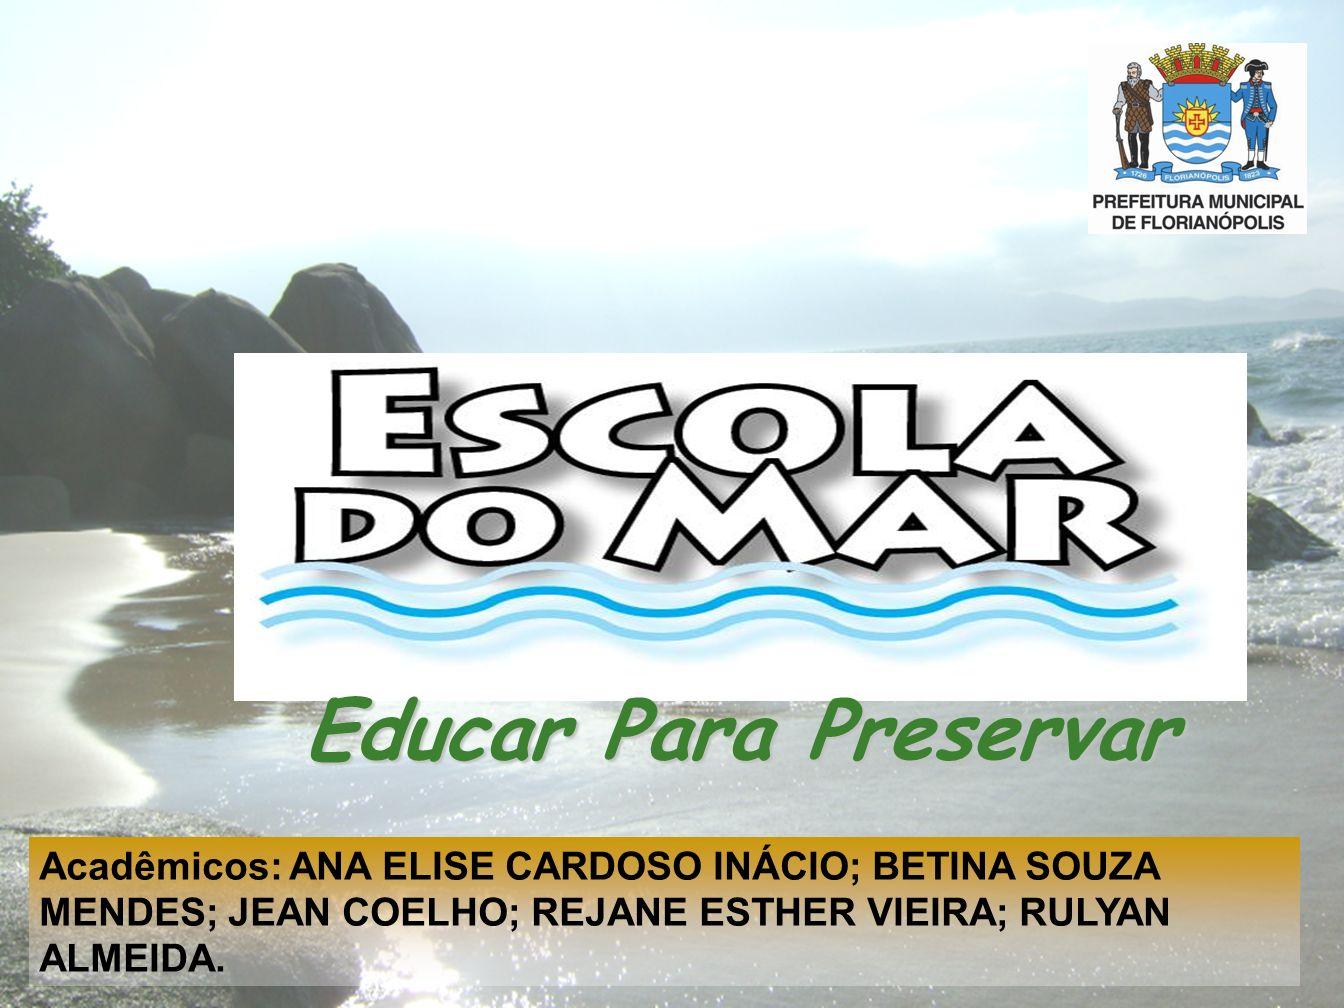 Educar Para Preservar Acadêmicos: ANA ELISE CARDOSO INÁCIO; BETINA SOUZA MENDES; JEAN COELHO; REJANE ESTHER VIEIRA; RULYAN ALMEIDA.